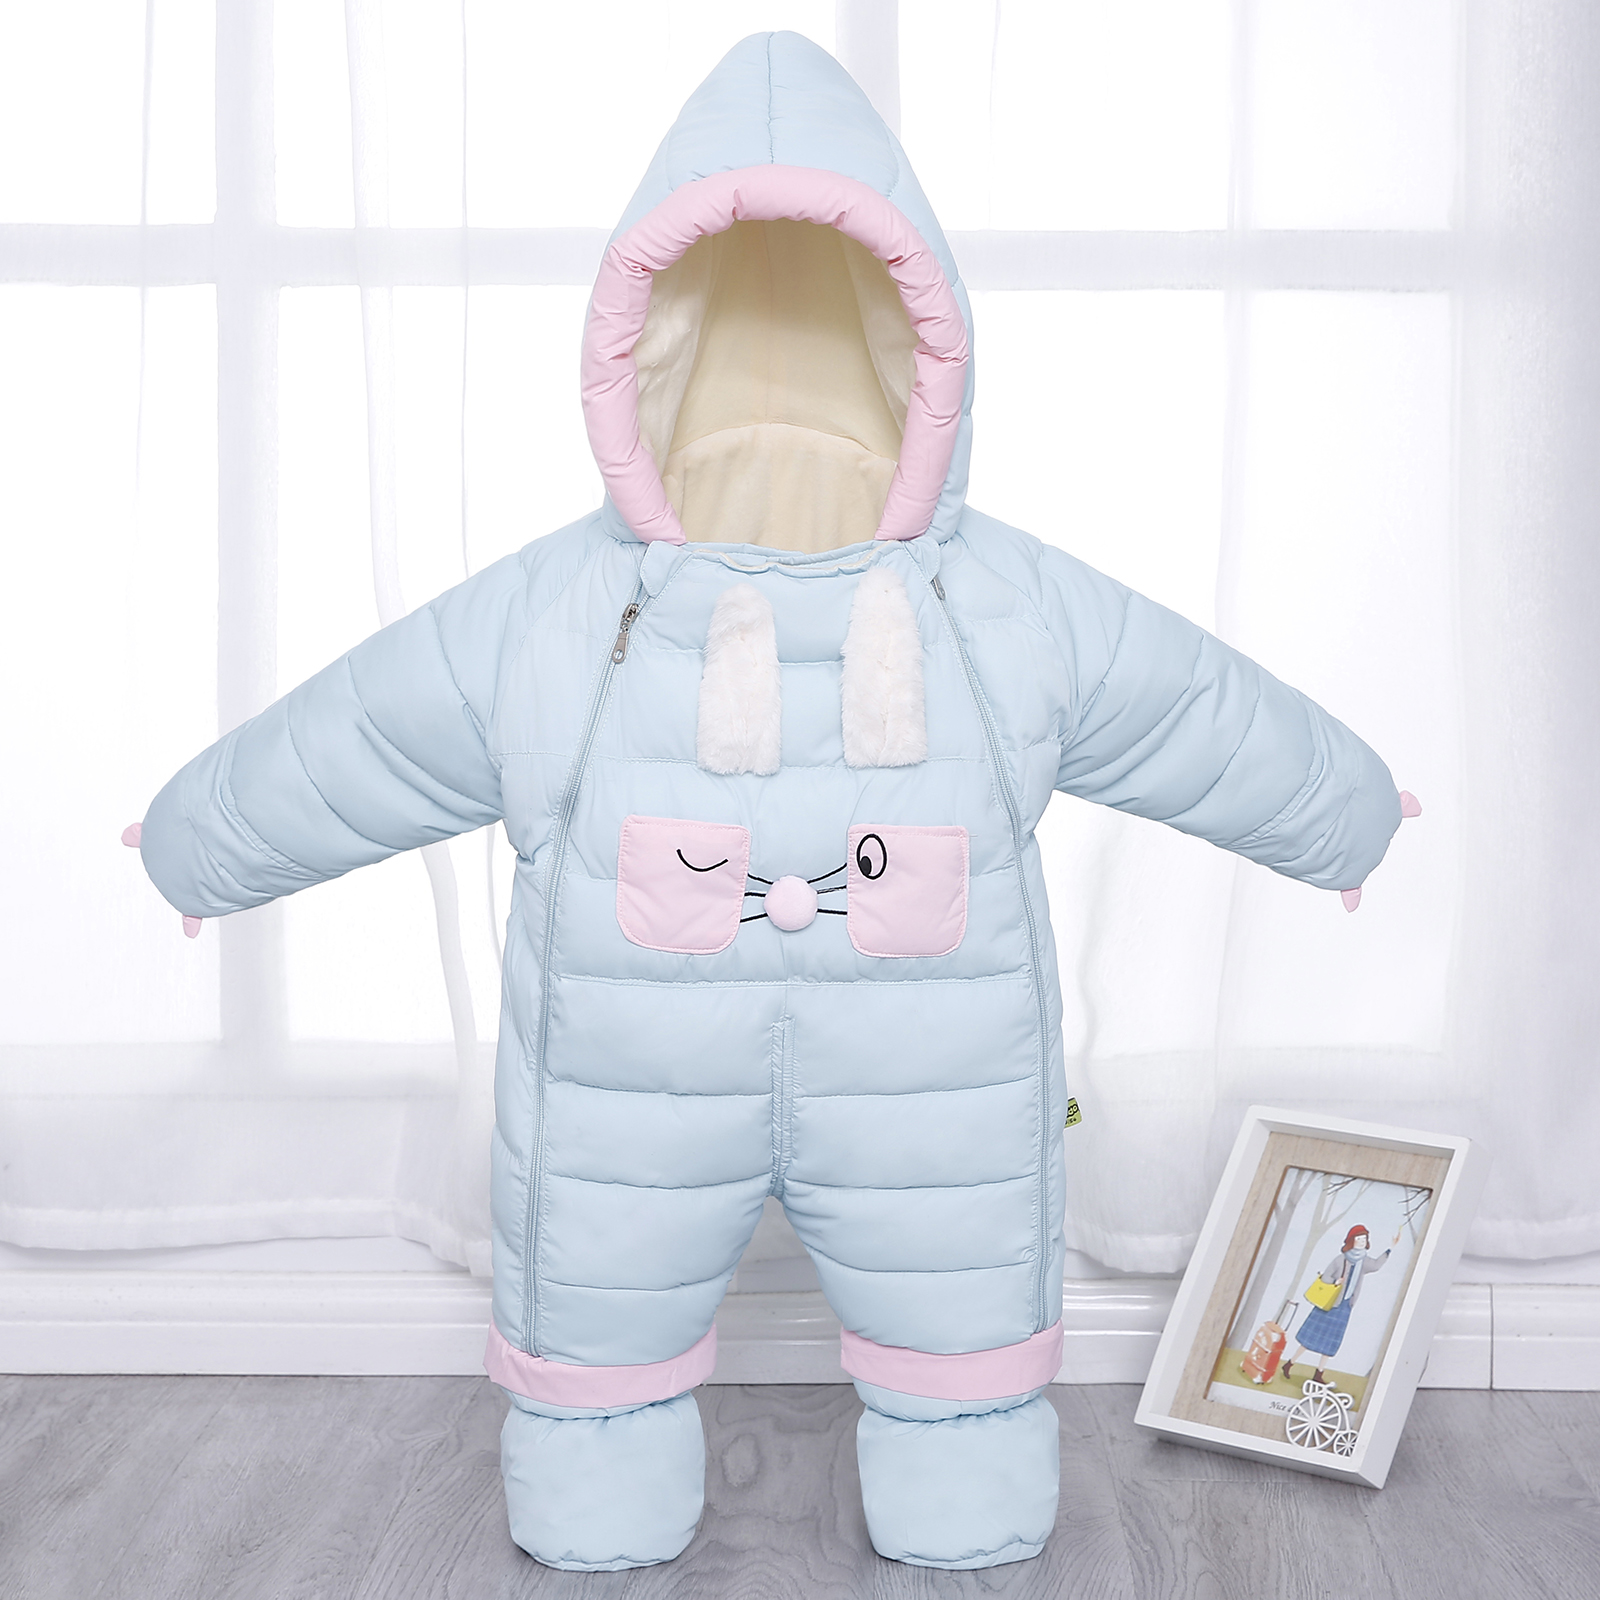 婴儿冬季加厚外出羽绒连体服新生儿棉衣套装男女宝宝保暖抱被爬服图片